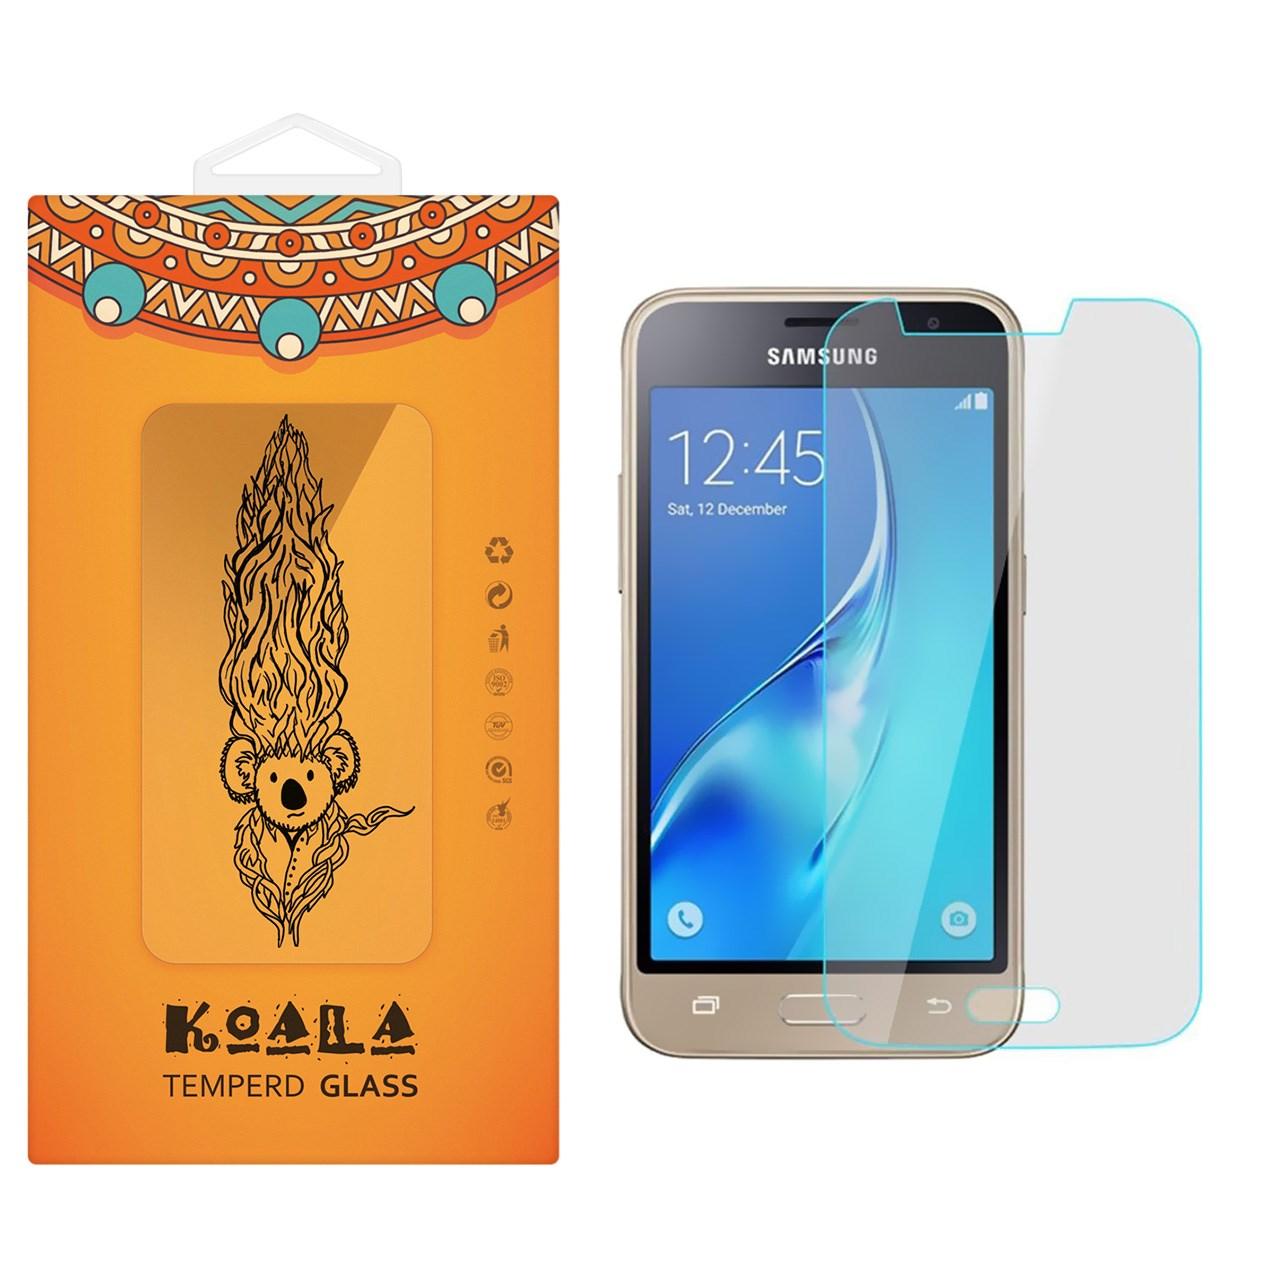 محافظ صفحه نمایش شیشه ای کوالا مدل Tempered مناسب برای گوشی موبایل سامسونگ Galaxy J1 Mini Prime              ( قیمت و خرید)